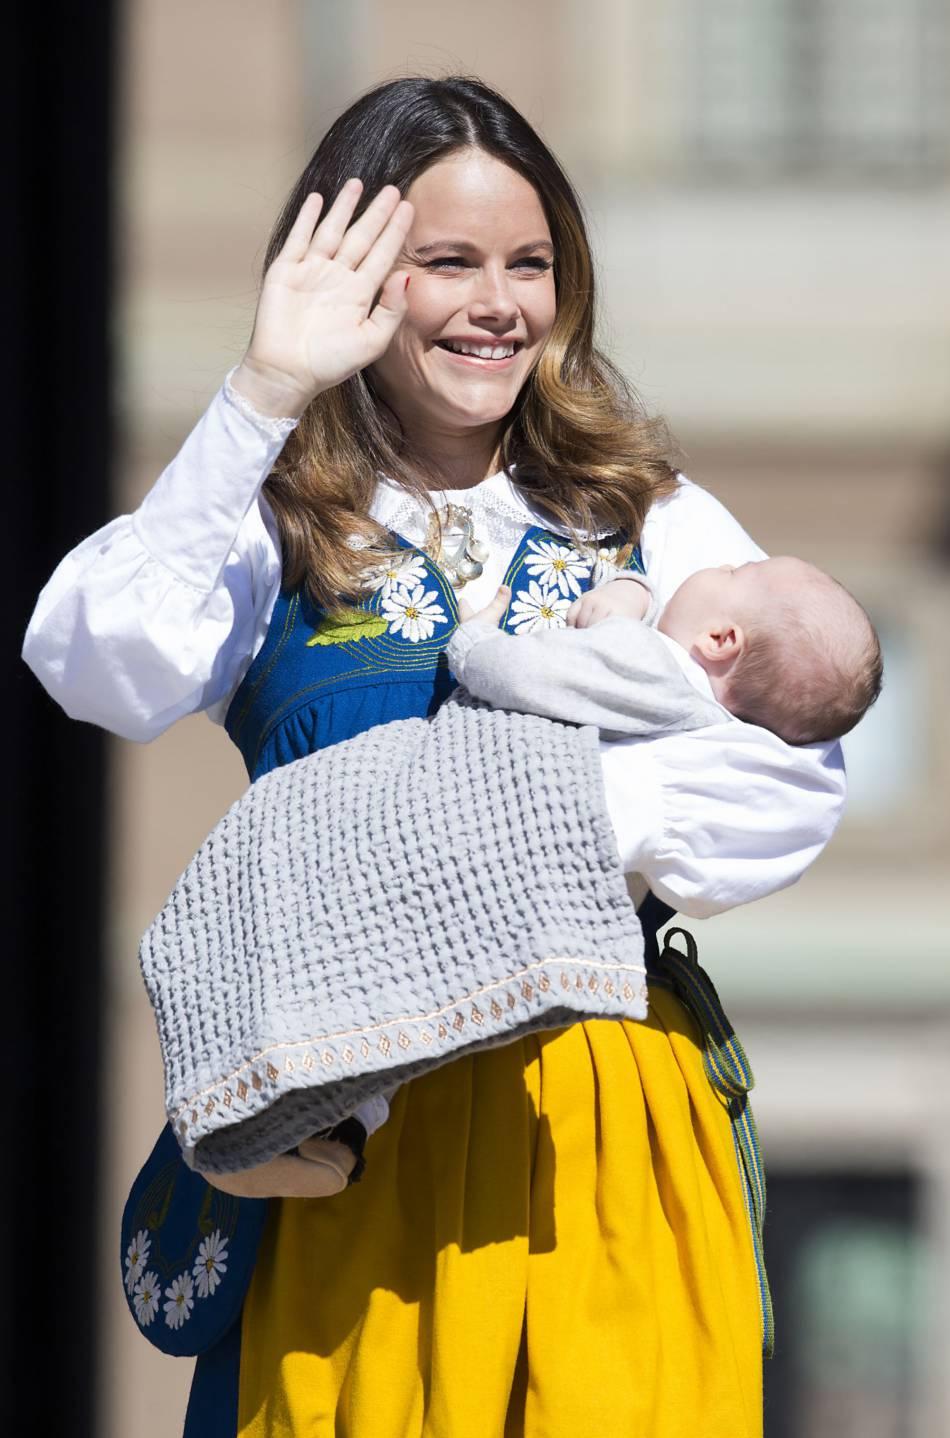 La princesse Sofia, toute jeune maman rayonnante avec son petit Alexander dans les bras.